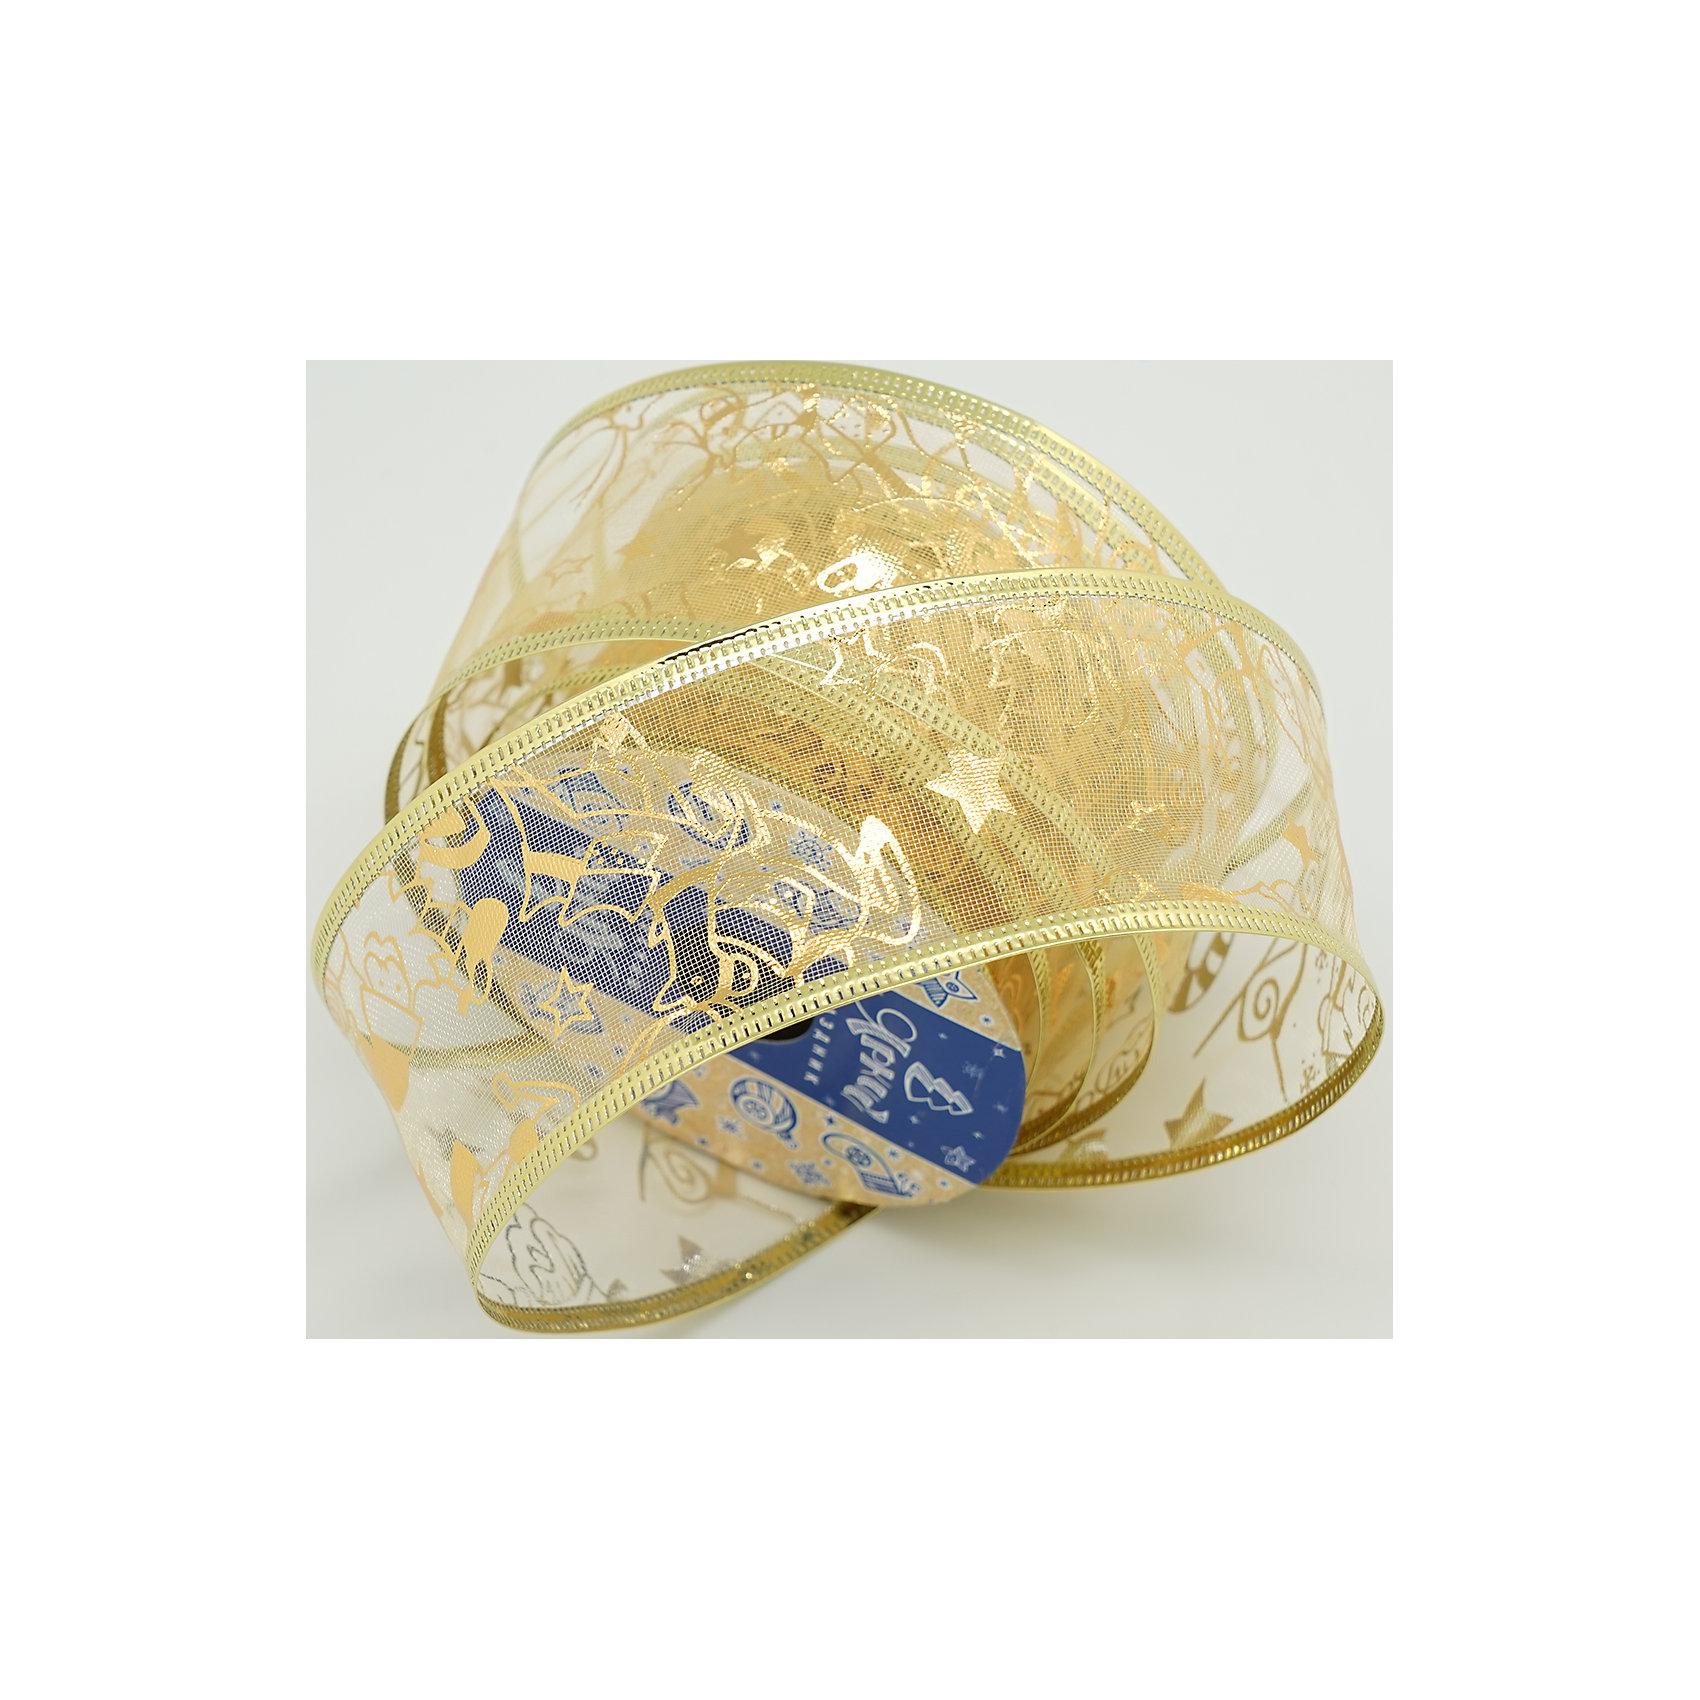 Декоративная лента золотая (0,08Х0,08Х0,05м)Всё для праздника<br>Характеристики товара:<br><br>• цвет: золотистый<br>• ширина: 5 см<br>• размер упаковки: 8х8х5 см<br>• комплектация: 1 рулон<br>• материал: нейлон<br>• полупрозрачная<br>• для украшения интерьера или подарков<br>• страна производства: Китай<br><br>Бант из ленты - это универсальное украшение, он добавит торжественности и духа праздника прическе, интерьеру, подарочной упаковке, ёлке! Это украшение будет отлично смотреться в окружении любой цветовой гаммы, оно качественно выполнено и нарядно смотрится. С помощью такой ленты можно оригинально украсить ёлку к празднику и декорировать пакет или коробку с подарком.<br>Такие небольшие детали и создают праздник! От них во многом зависит хорошее новогоднее настроение. Изделие производится из качественных сертифицированных материалов, безопасных даже для самых маленьких.<br><br>Декоративную ленту (0,08Х0,08Х0,05м) можно купить в нашем интернет-магазине.<br><br>Ширина мм: 80<br>Глубина мм: 80<br>Высота мм: 50<br>Вес г: 70<br>Возраст от месяцев: 72<br>Возраст до месяцев: 480<br>Пол: Унисекс<br>Возраст: Детский<br>SKU: 5051643